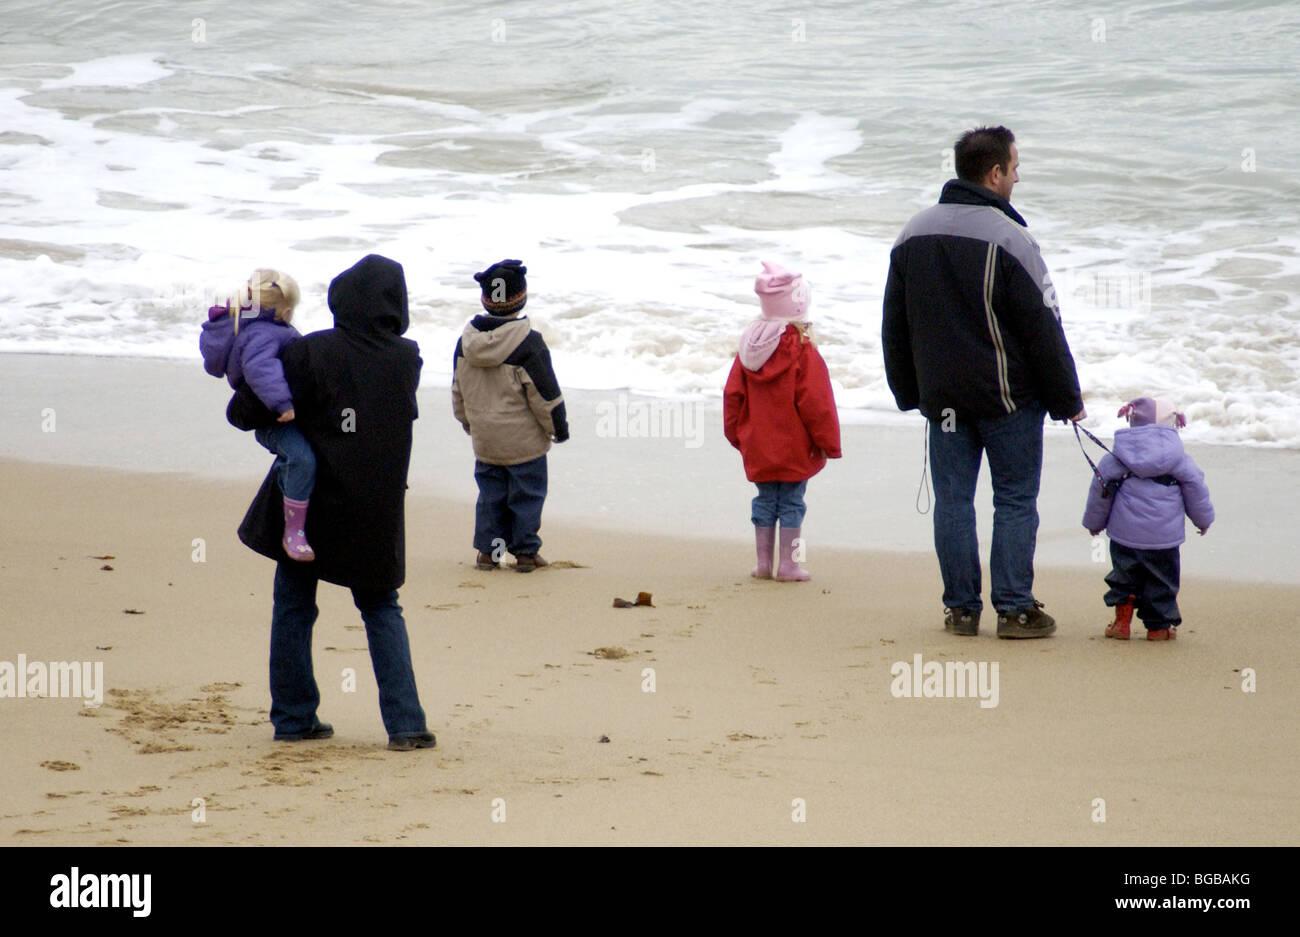 Famille sur la plage face à la mer Banque D'Images